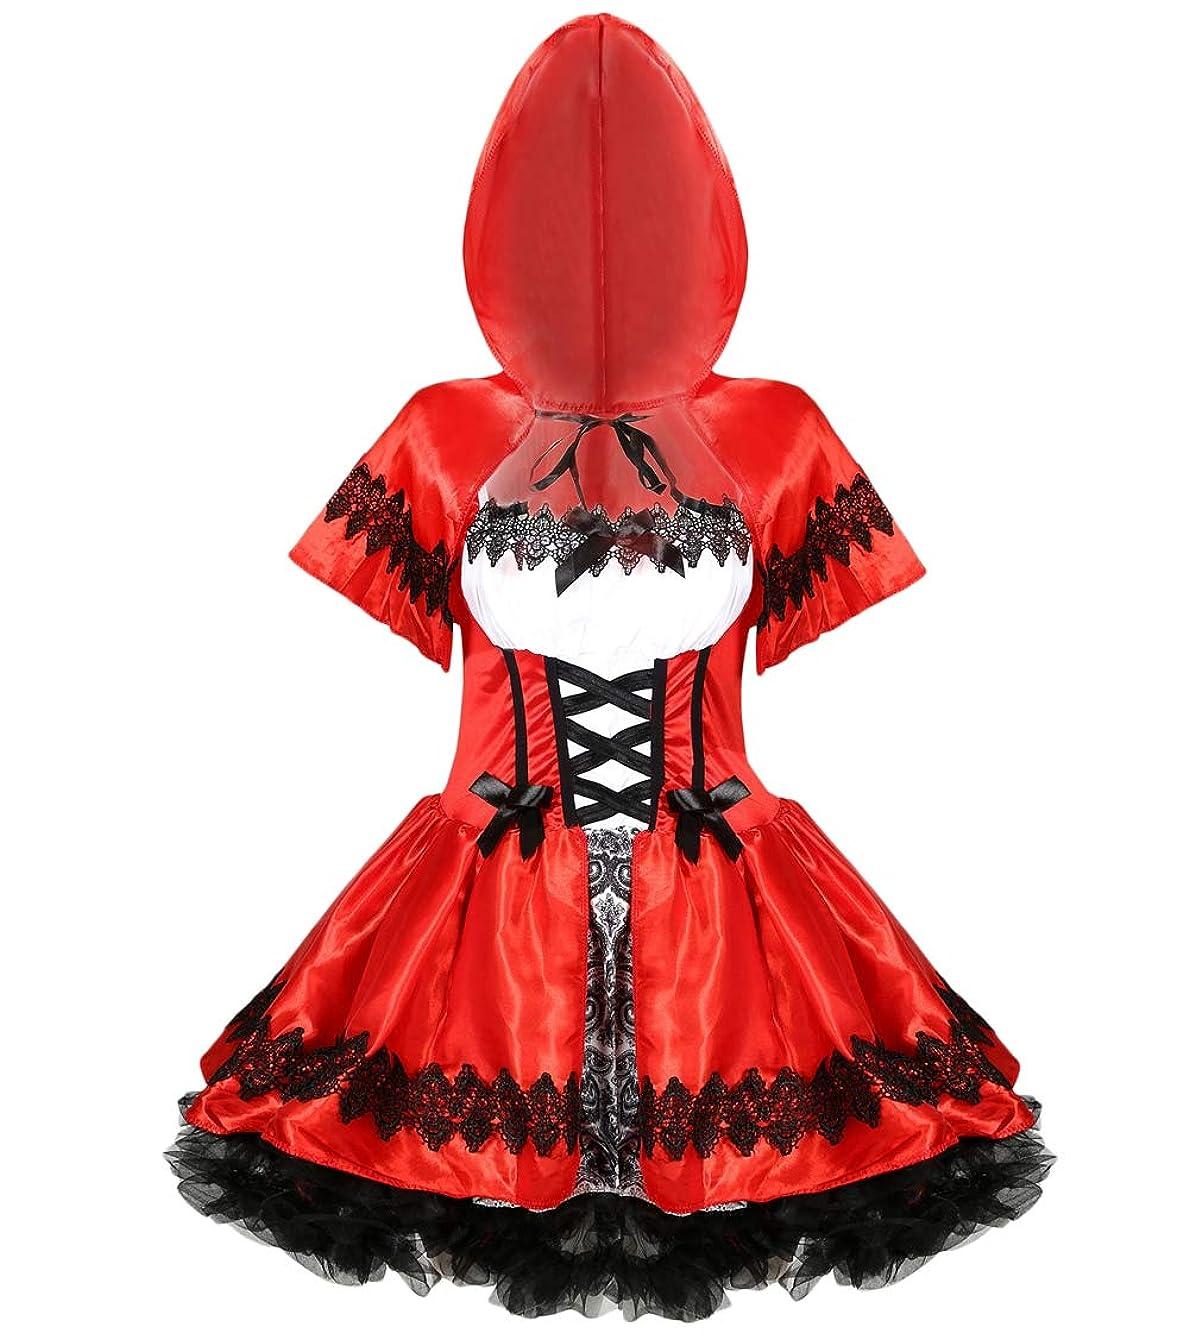 おしゃれじゃない冬威信Dawwoti レディースハロウィンコスチュームダンスのための赤ずきんちゃんミニスカートのすべての設定